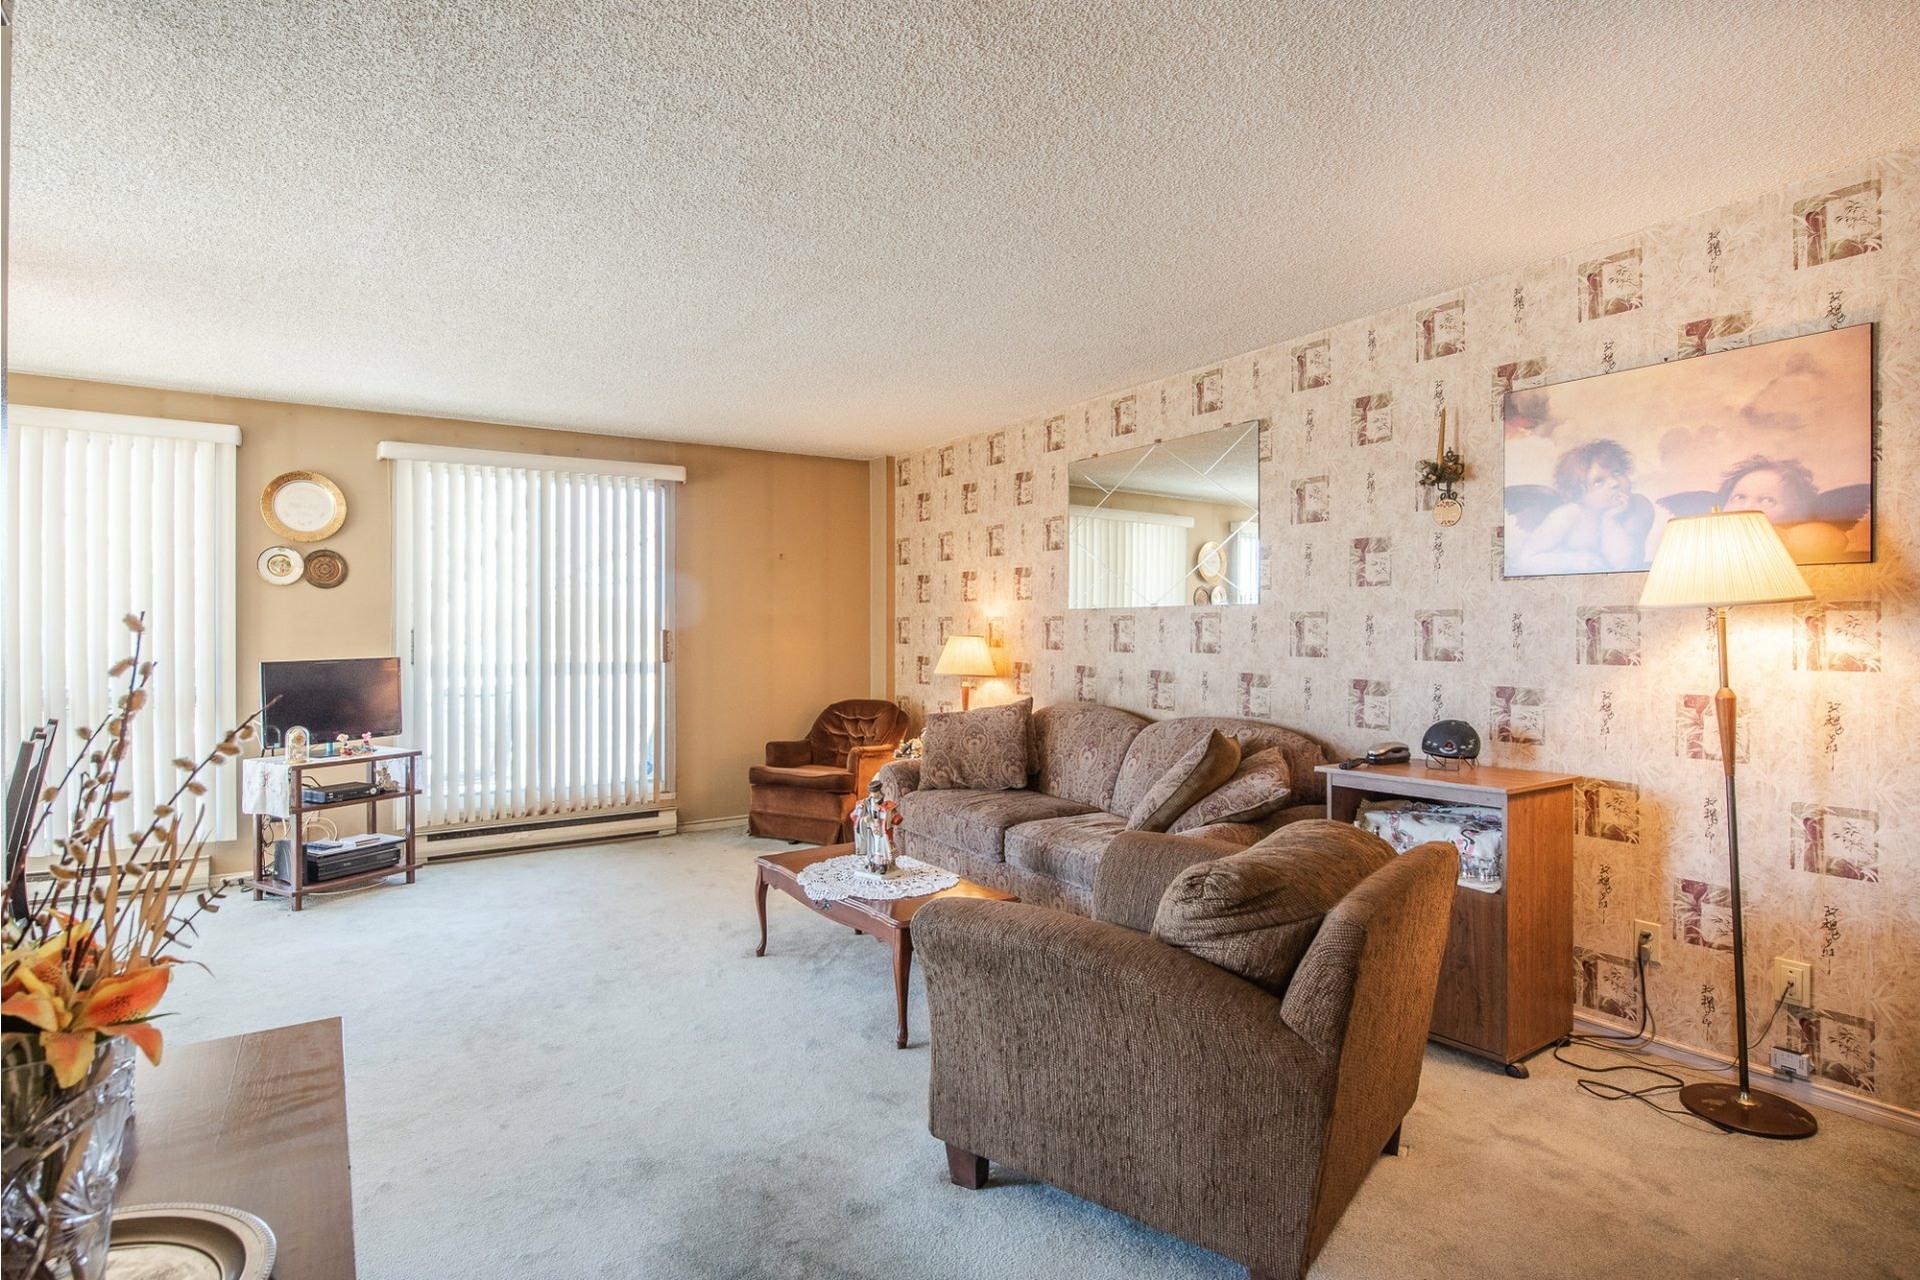 image 5 - Apartment For sale Montréal Saint-Laurent  - 5 rooms